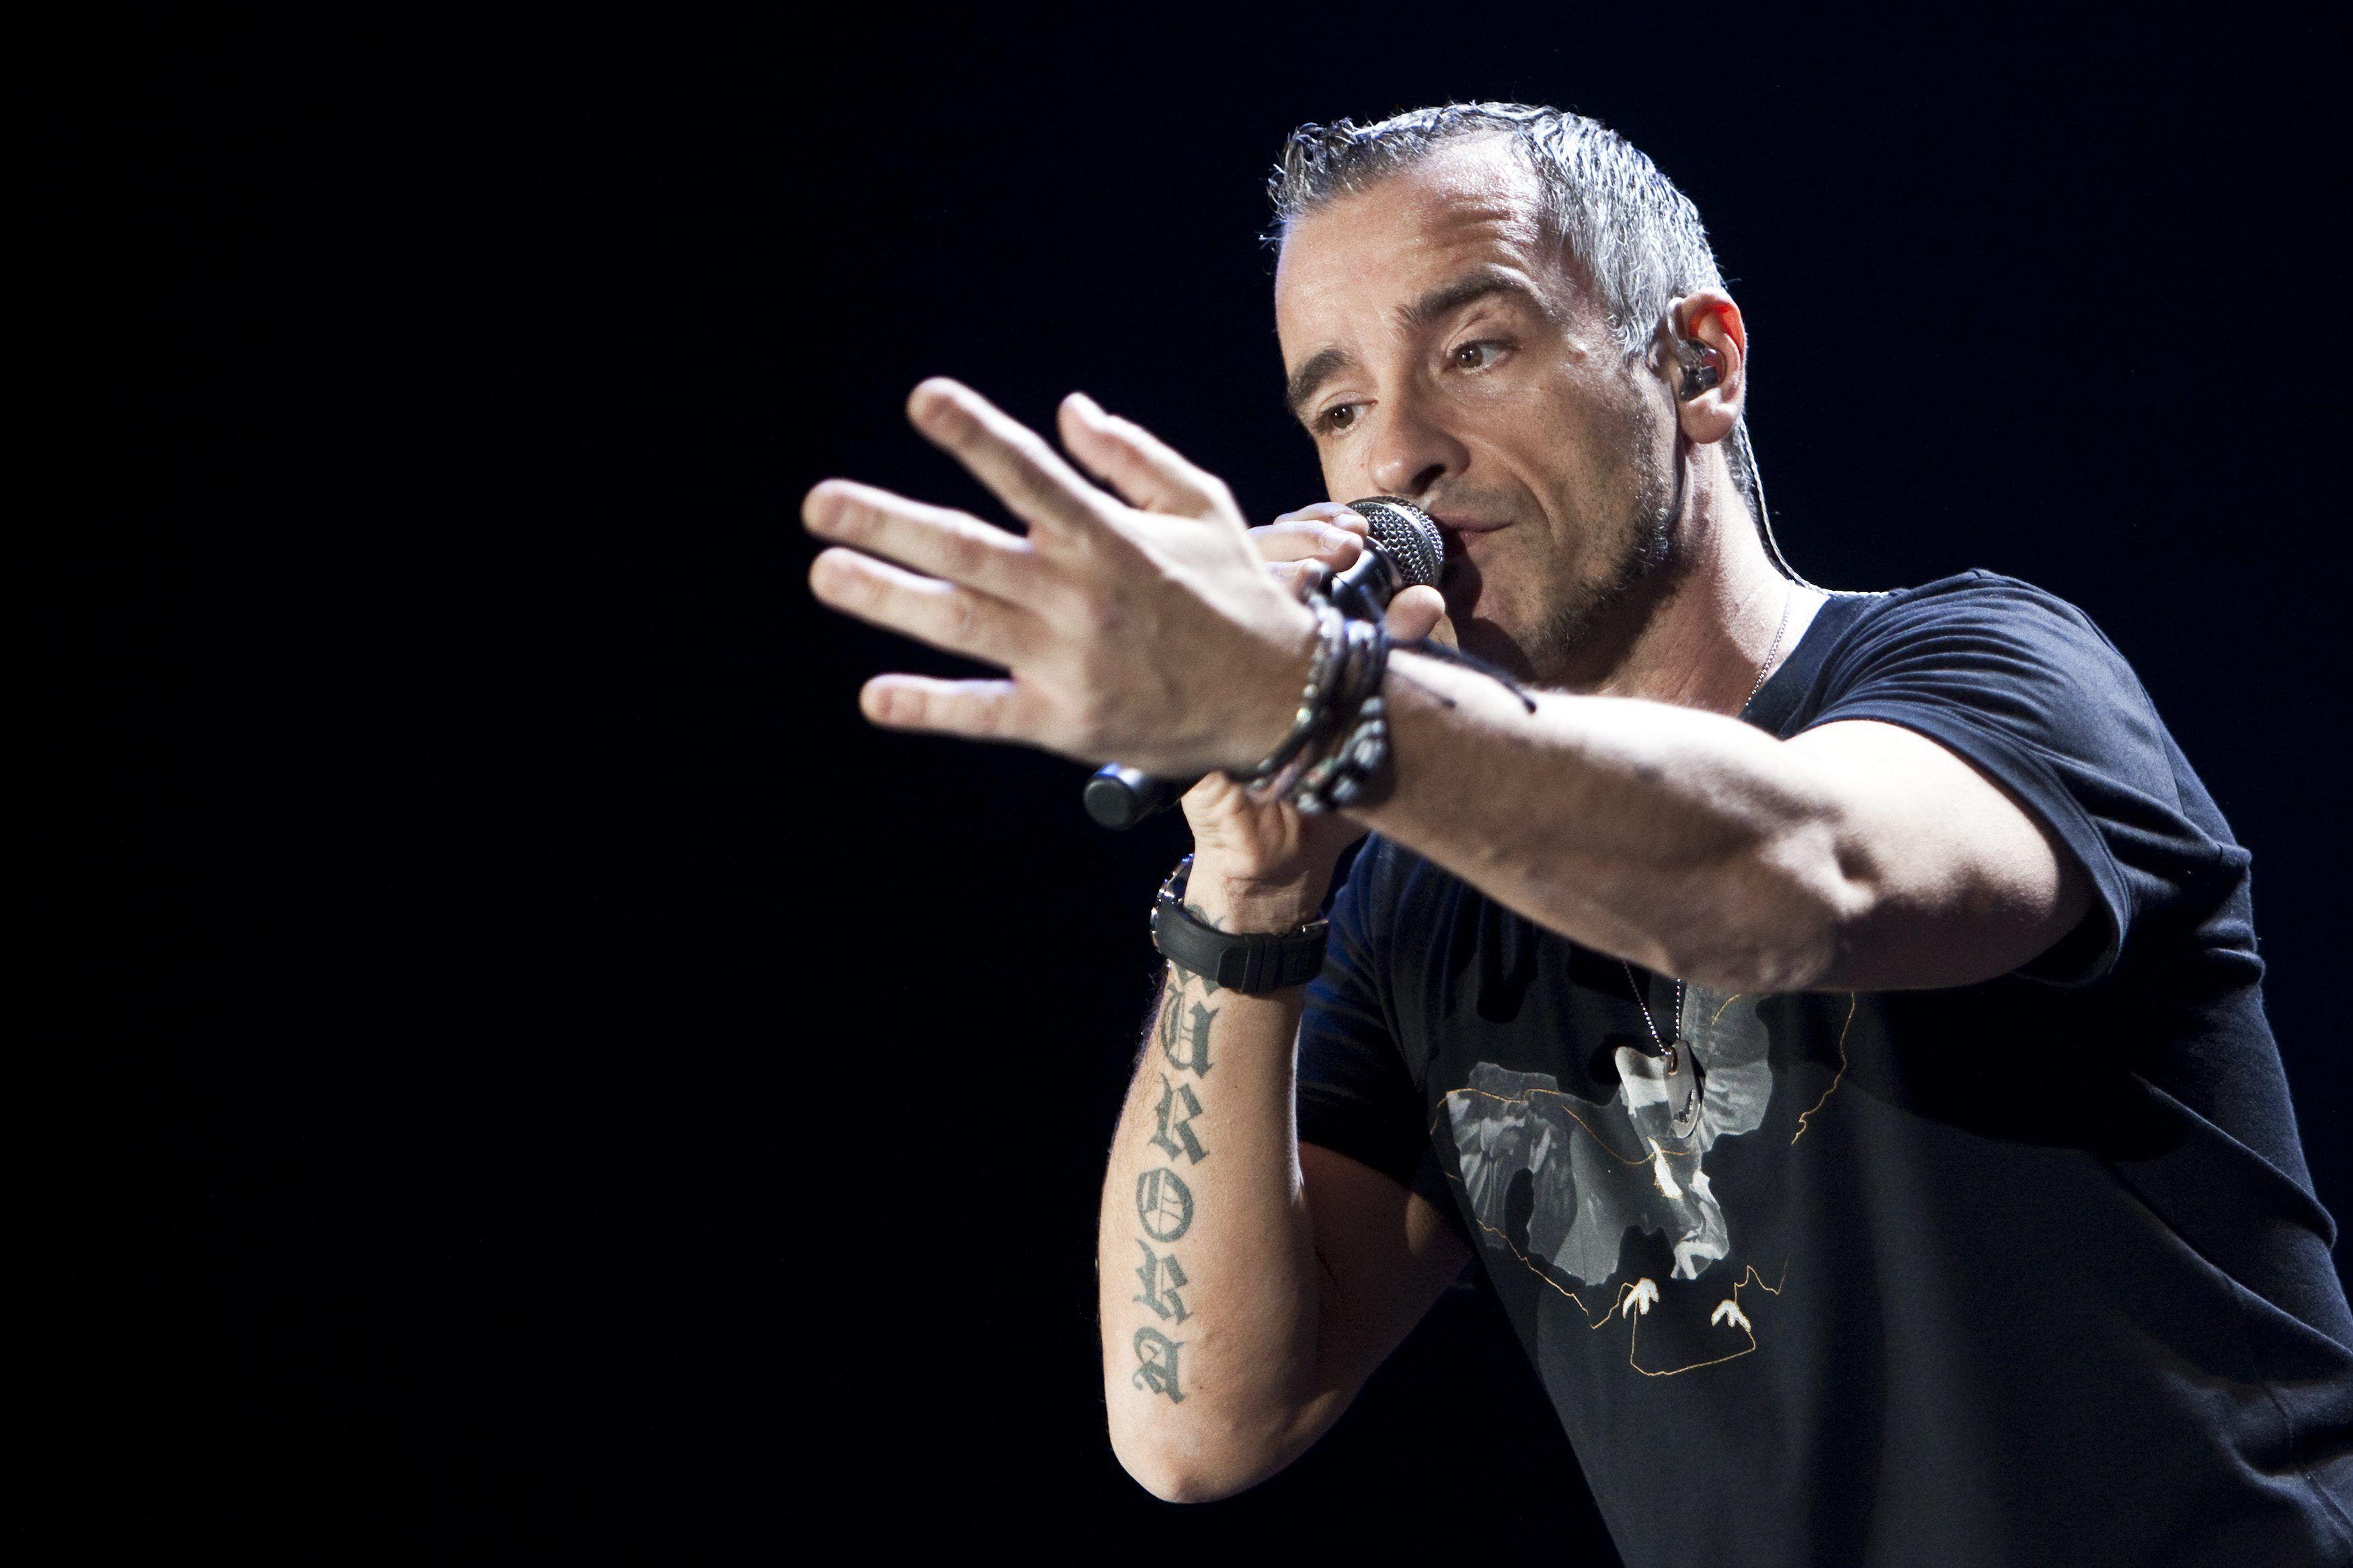 Eros Ramazotti kommt mit neuem Album für ein Konzert nach Wien